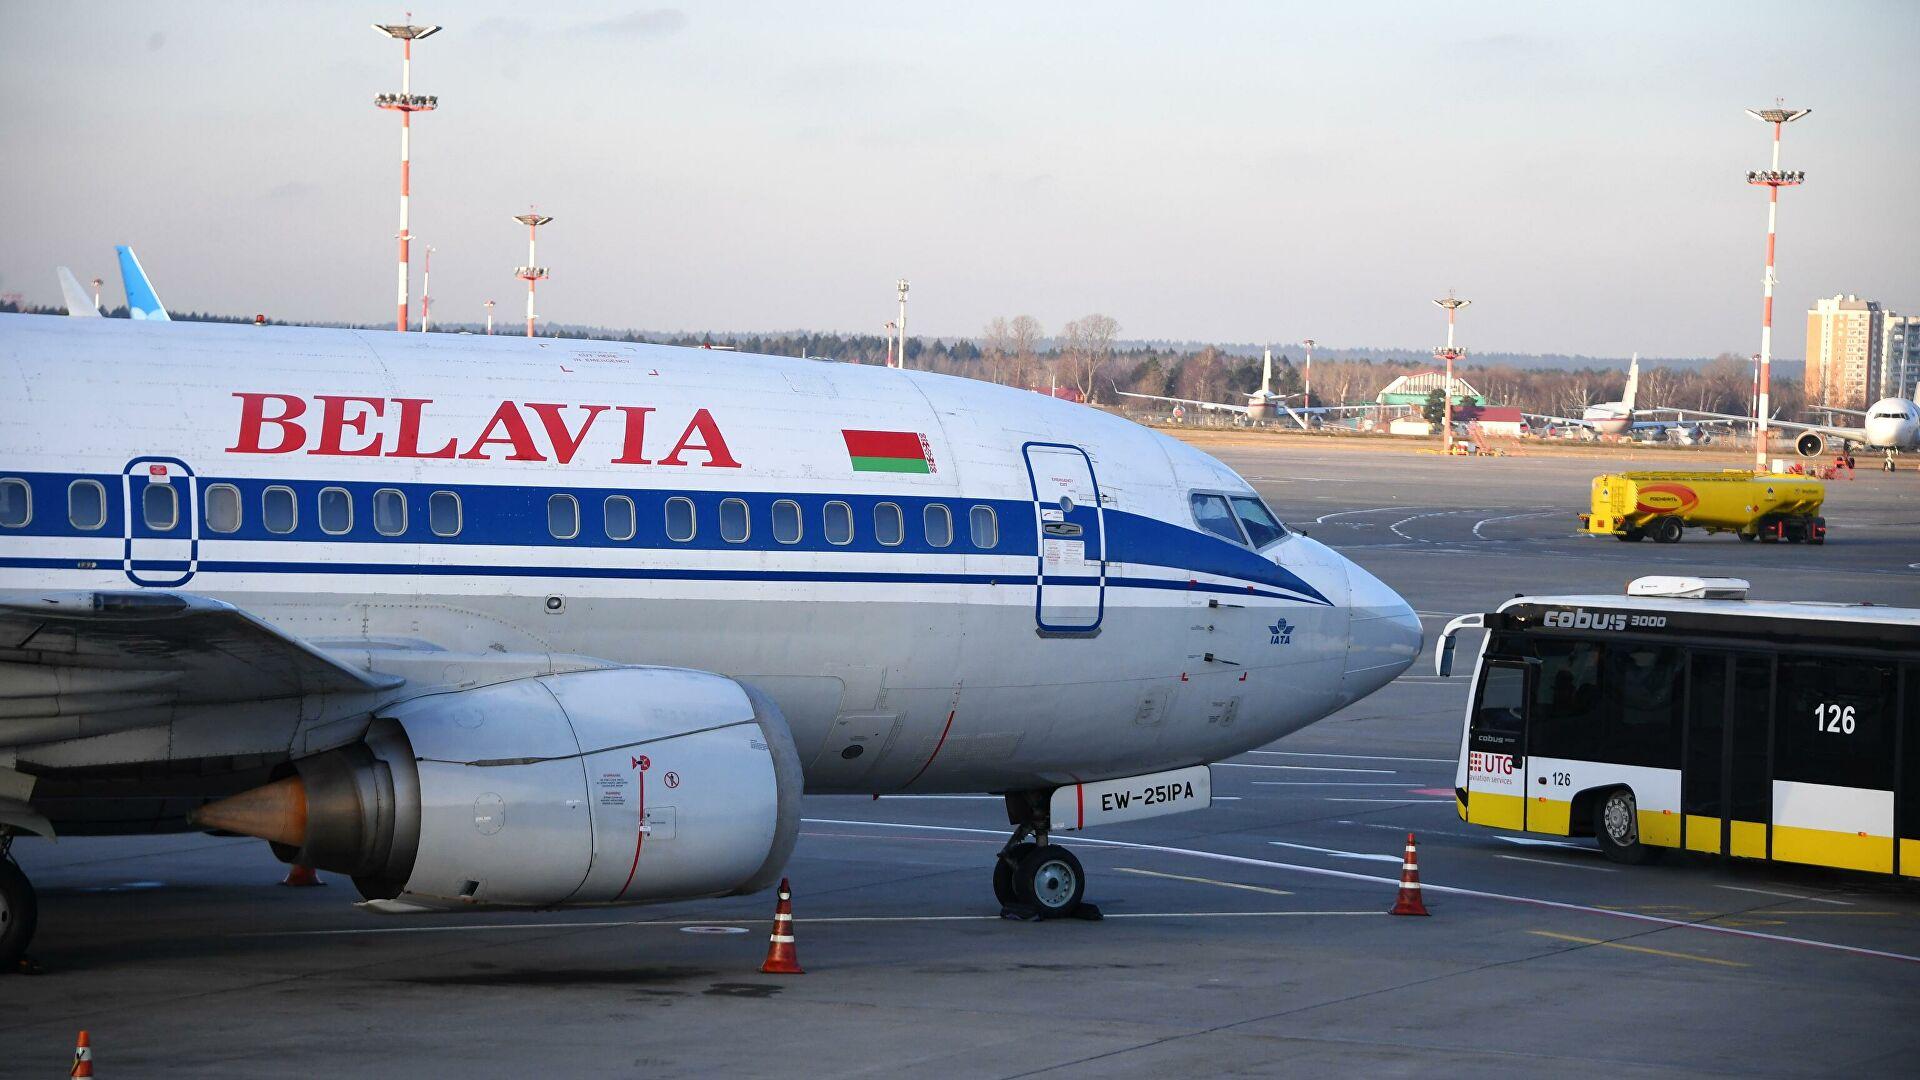 Белоруским авио-компанијама забрањено да користе ваздушни простор и аеродроме ЕУ